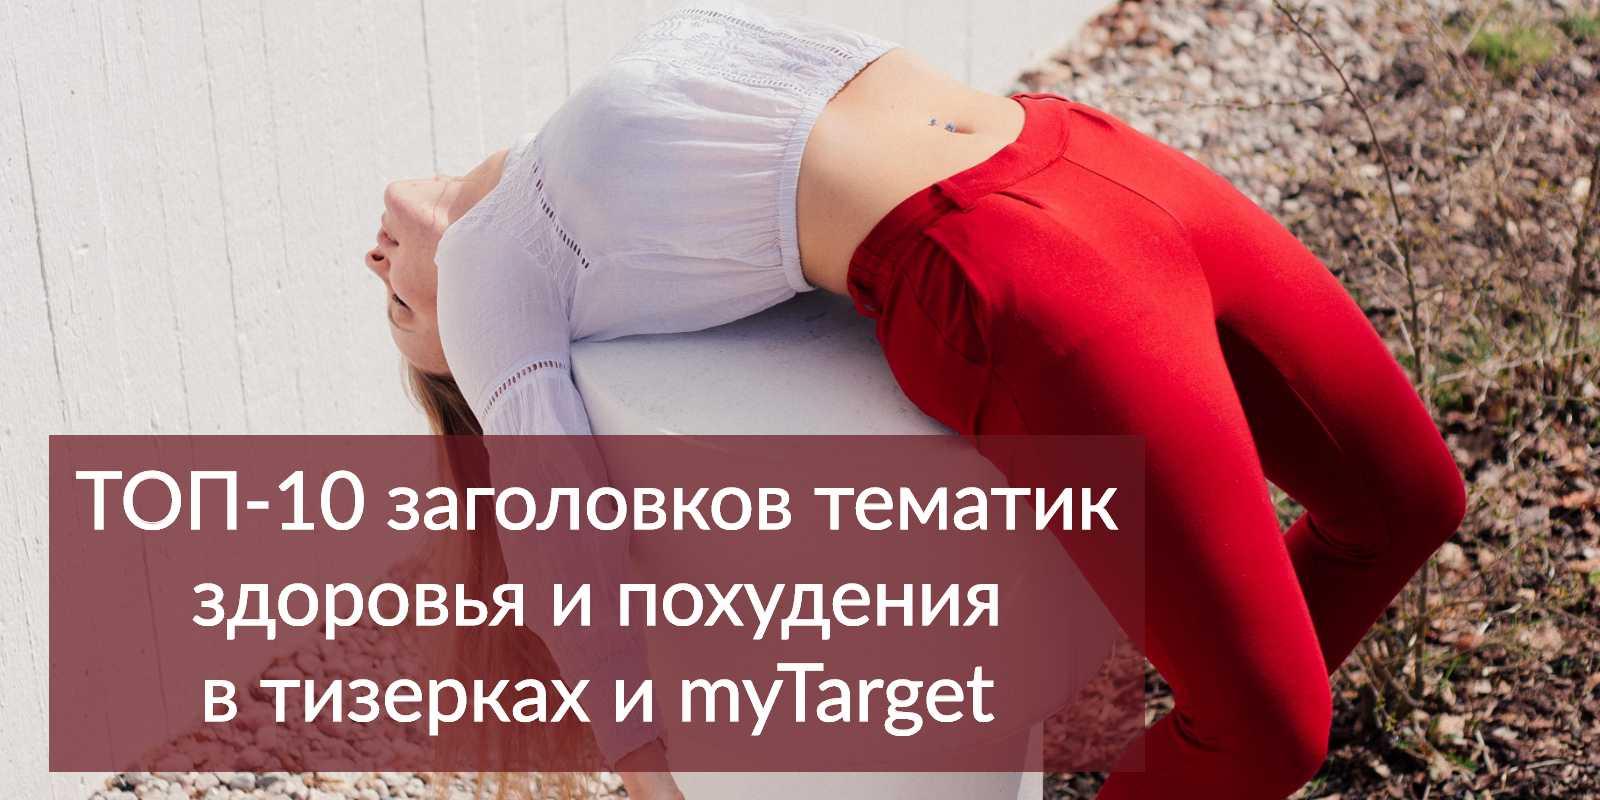 Топ-10 заголовков тематик здоровья и похудения в тизерках и myTarget